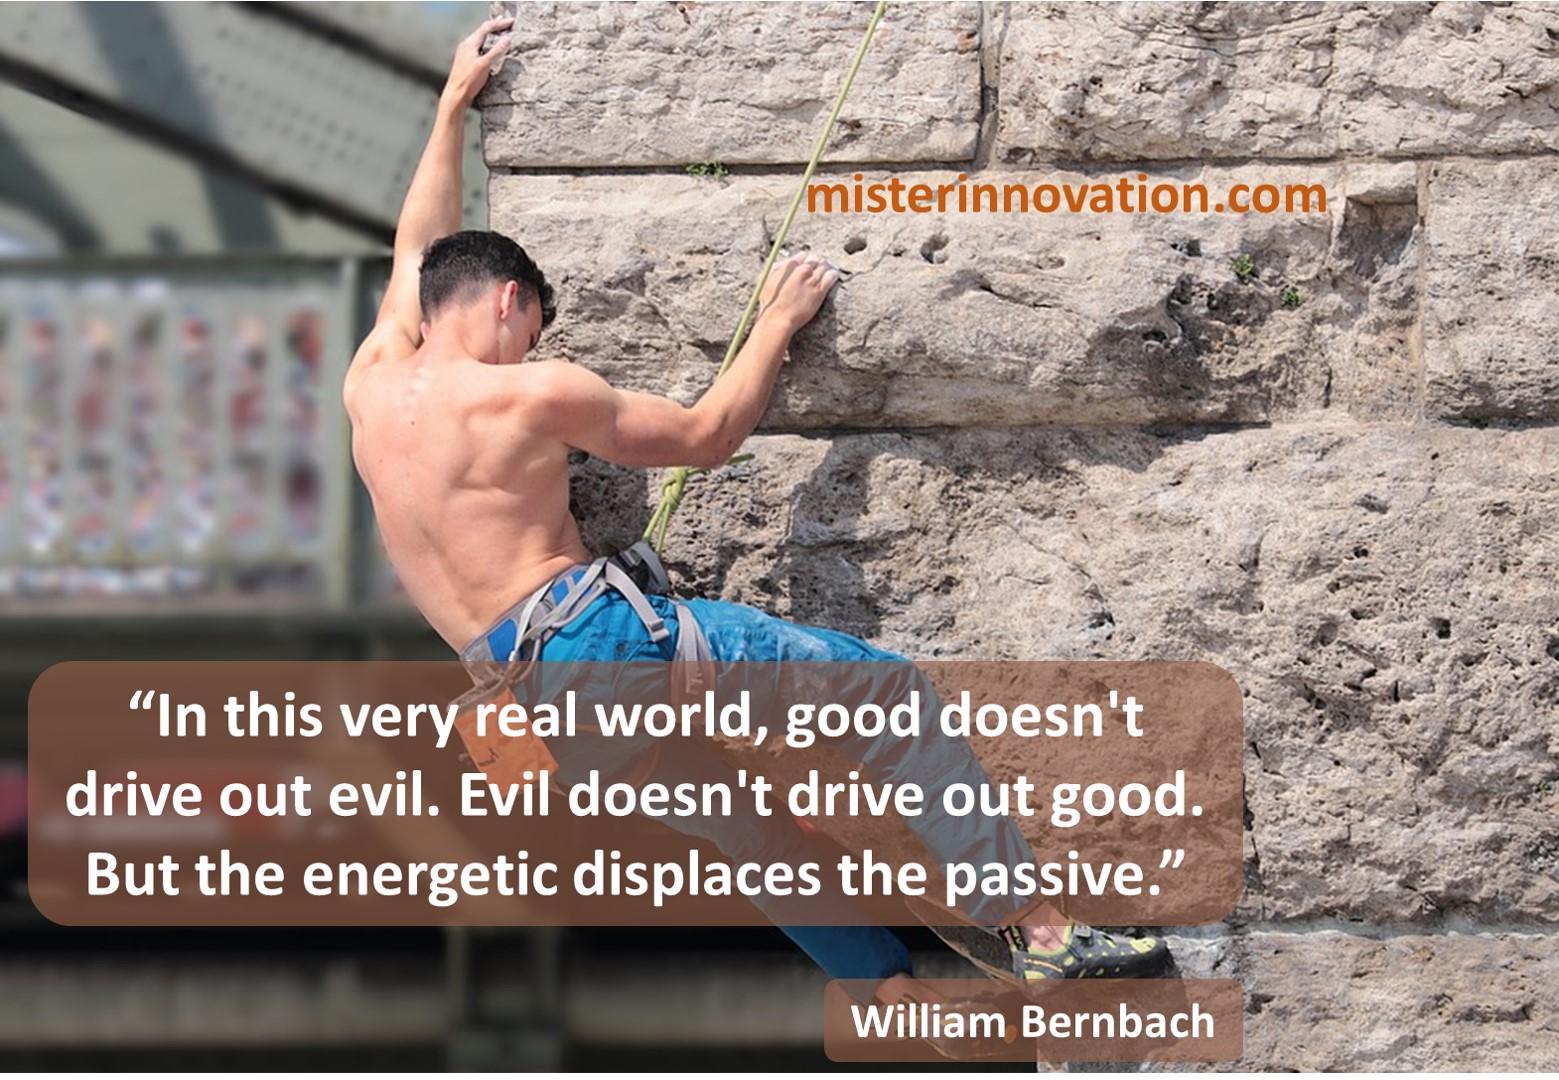 William Bernbach